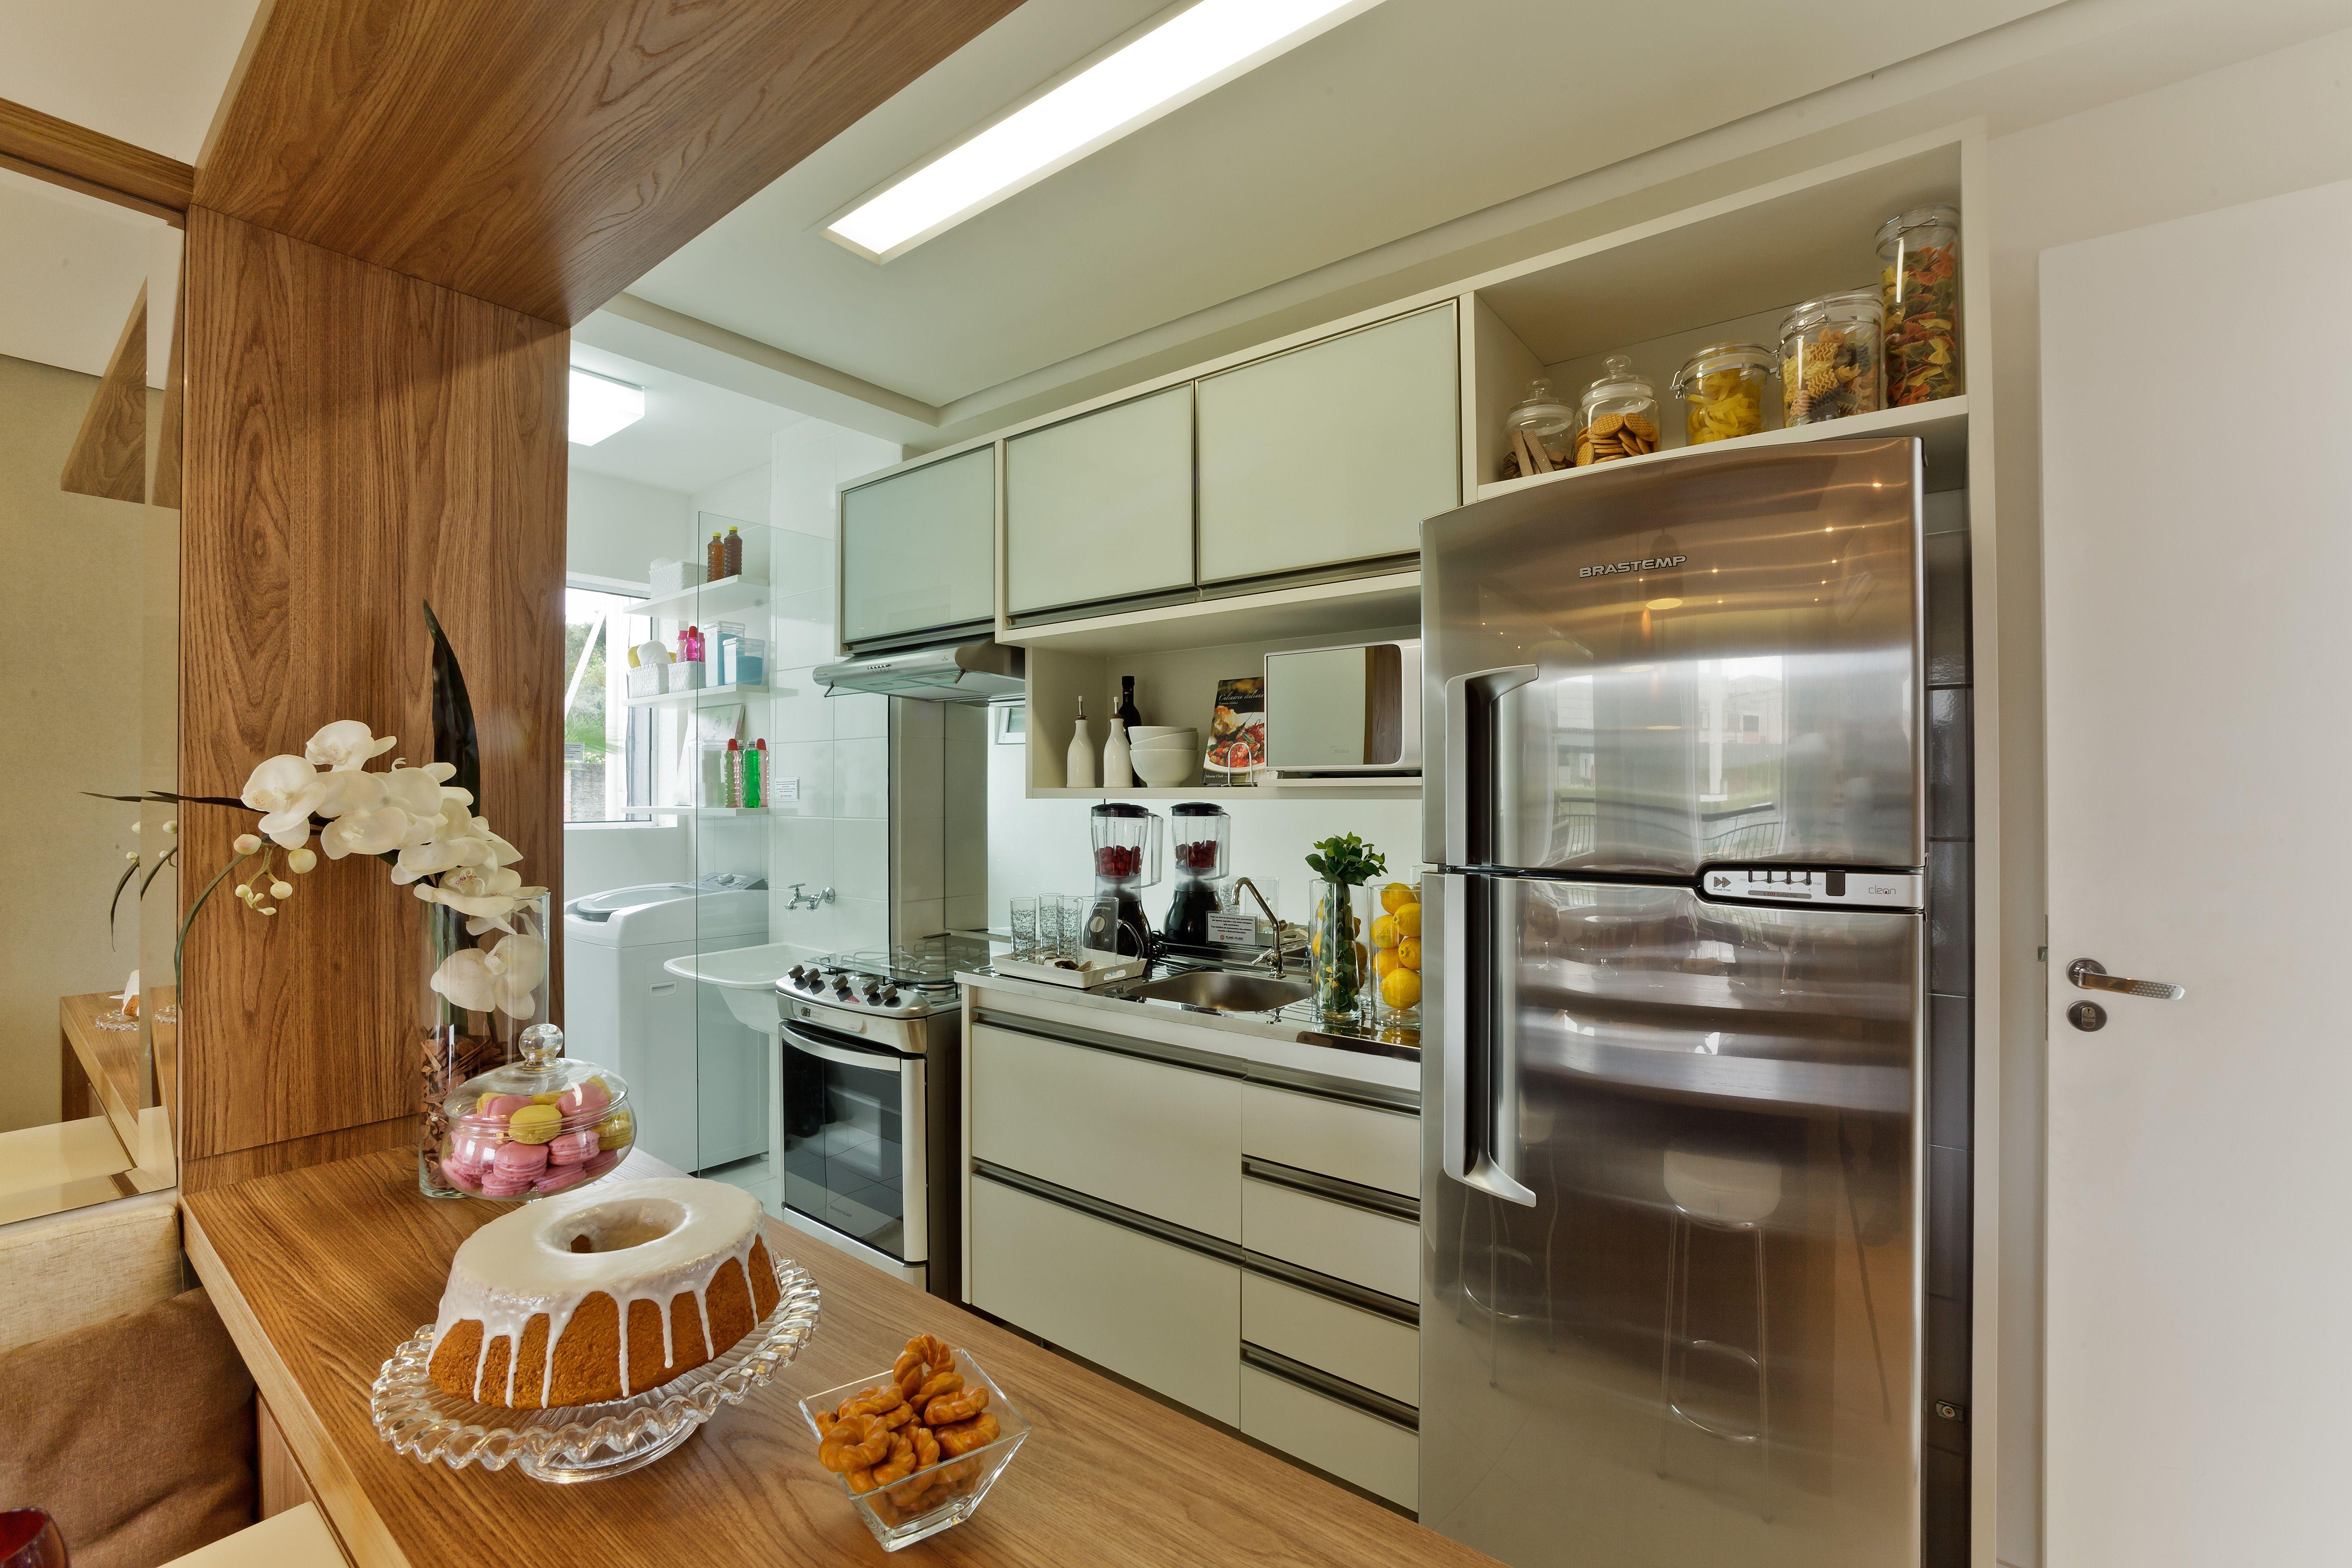 Balc O Em Madeira Que Conecta Cozinha Aberta A Sala De Jantar